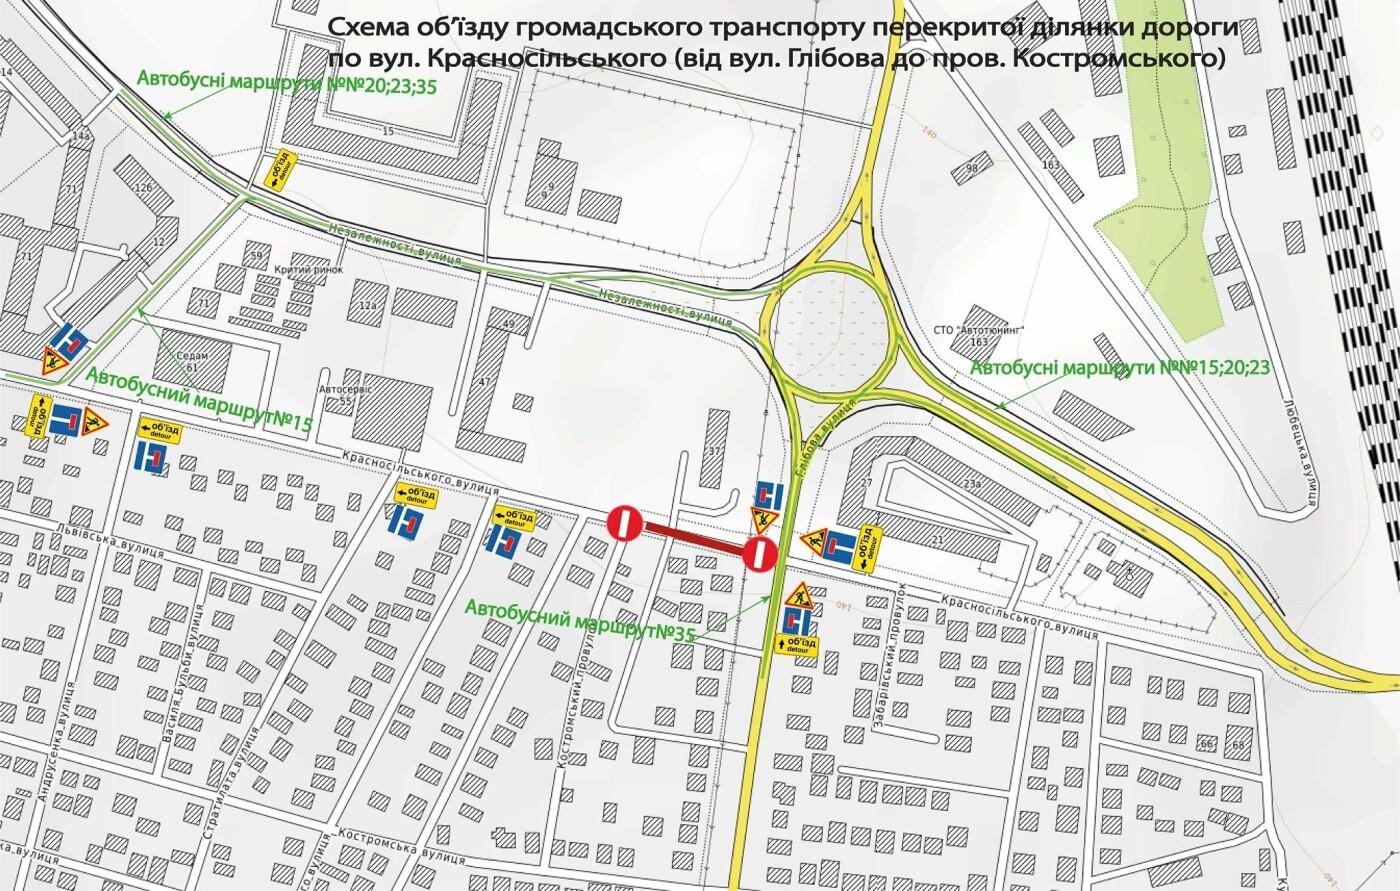 Знову об'їзди: у Чернігові кілька автобусів тимчасово змінять маршрути свого руху, фото-1